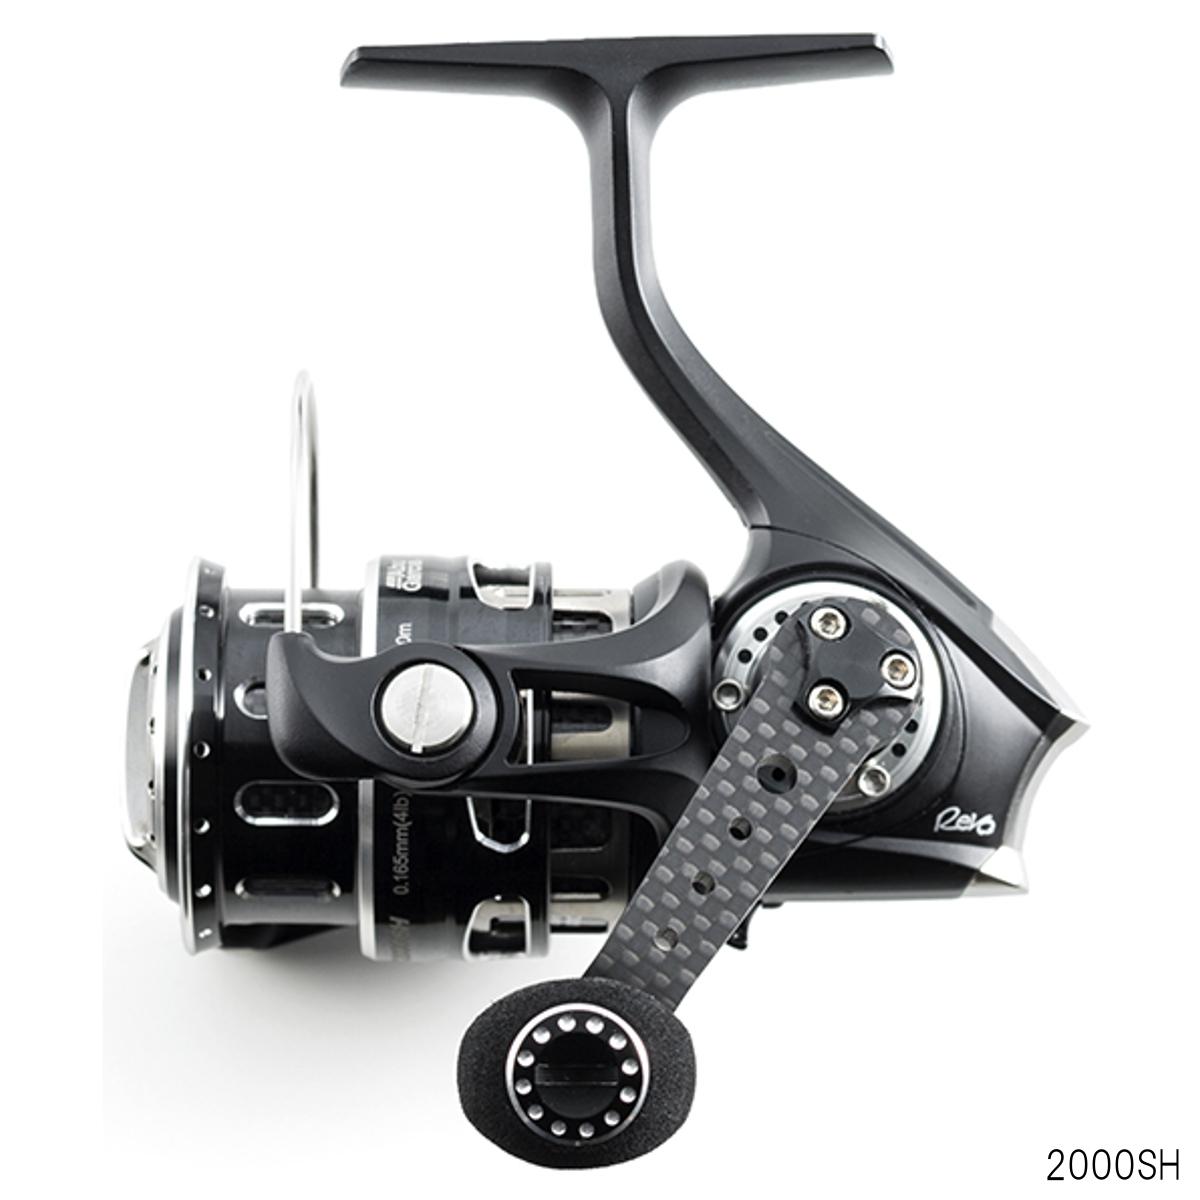 レボ MGX 2000SH(東日本店)